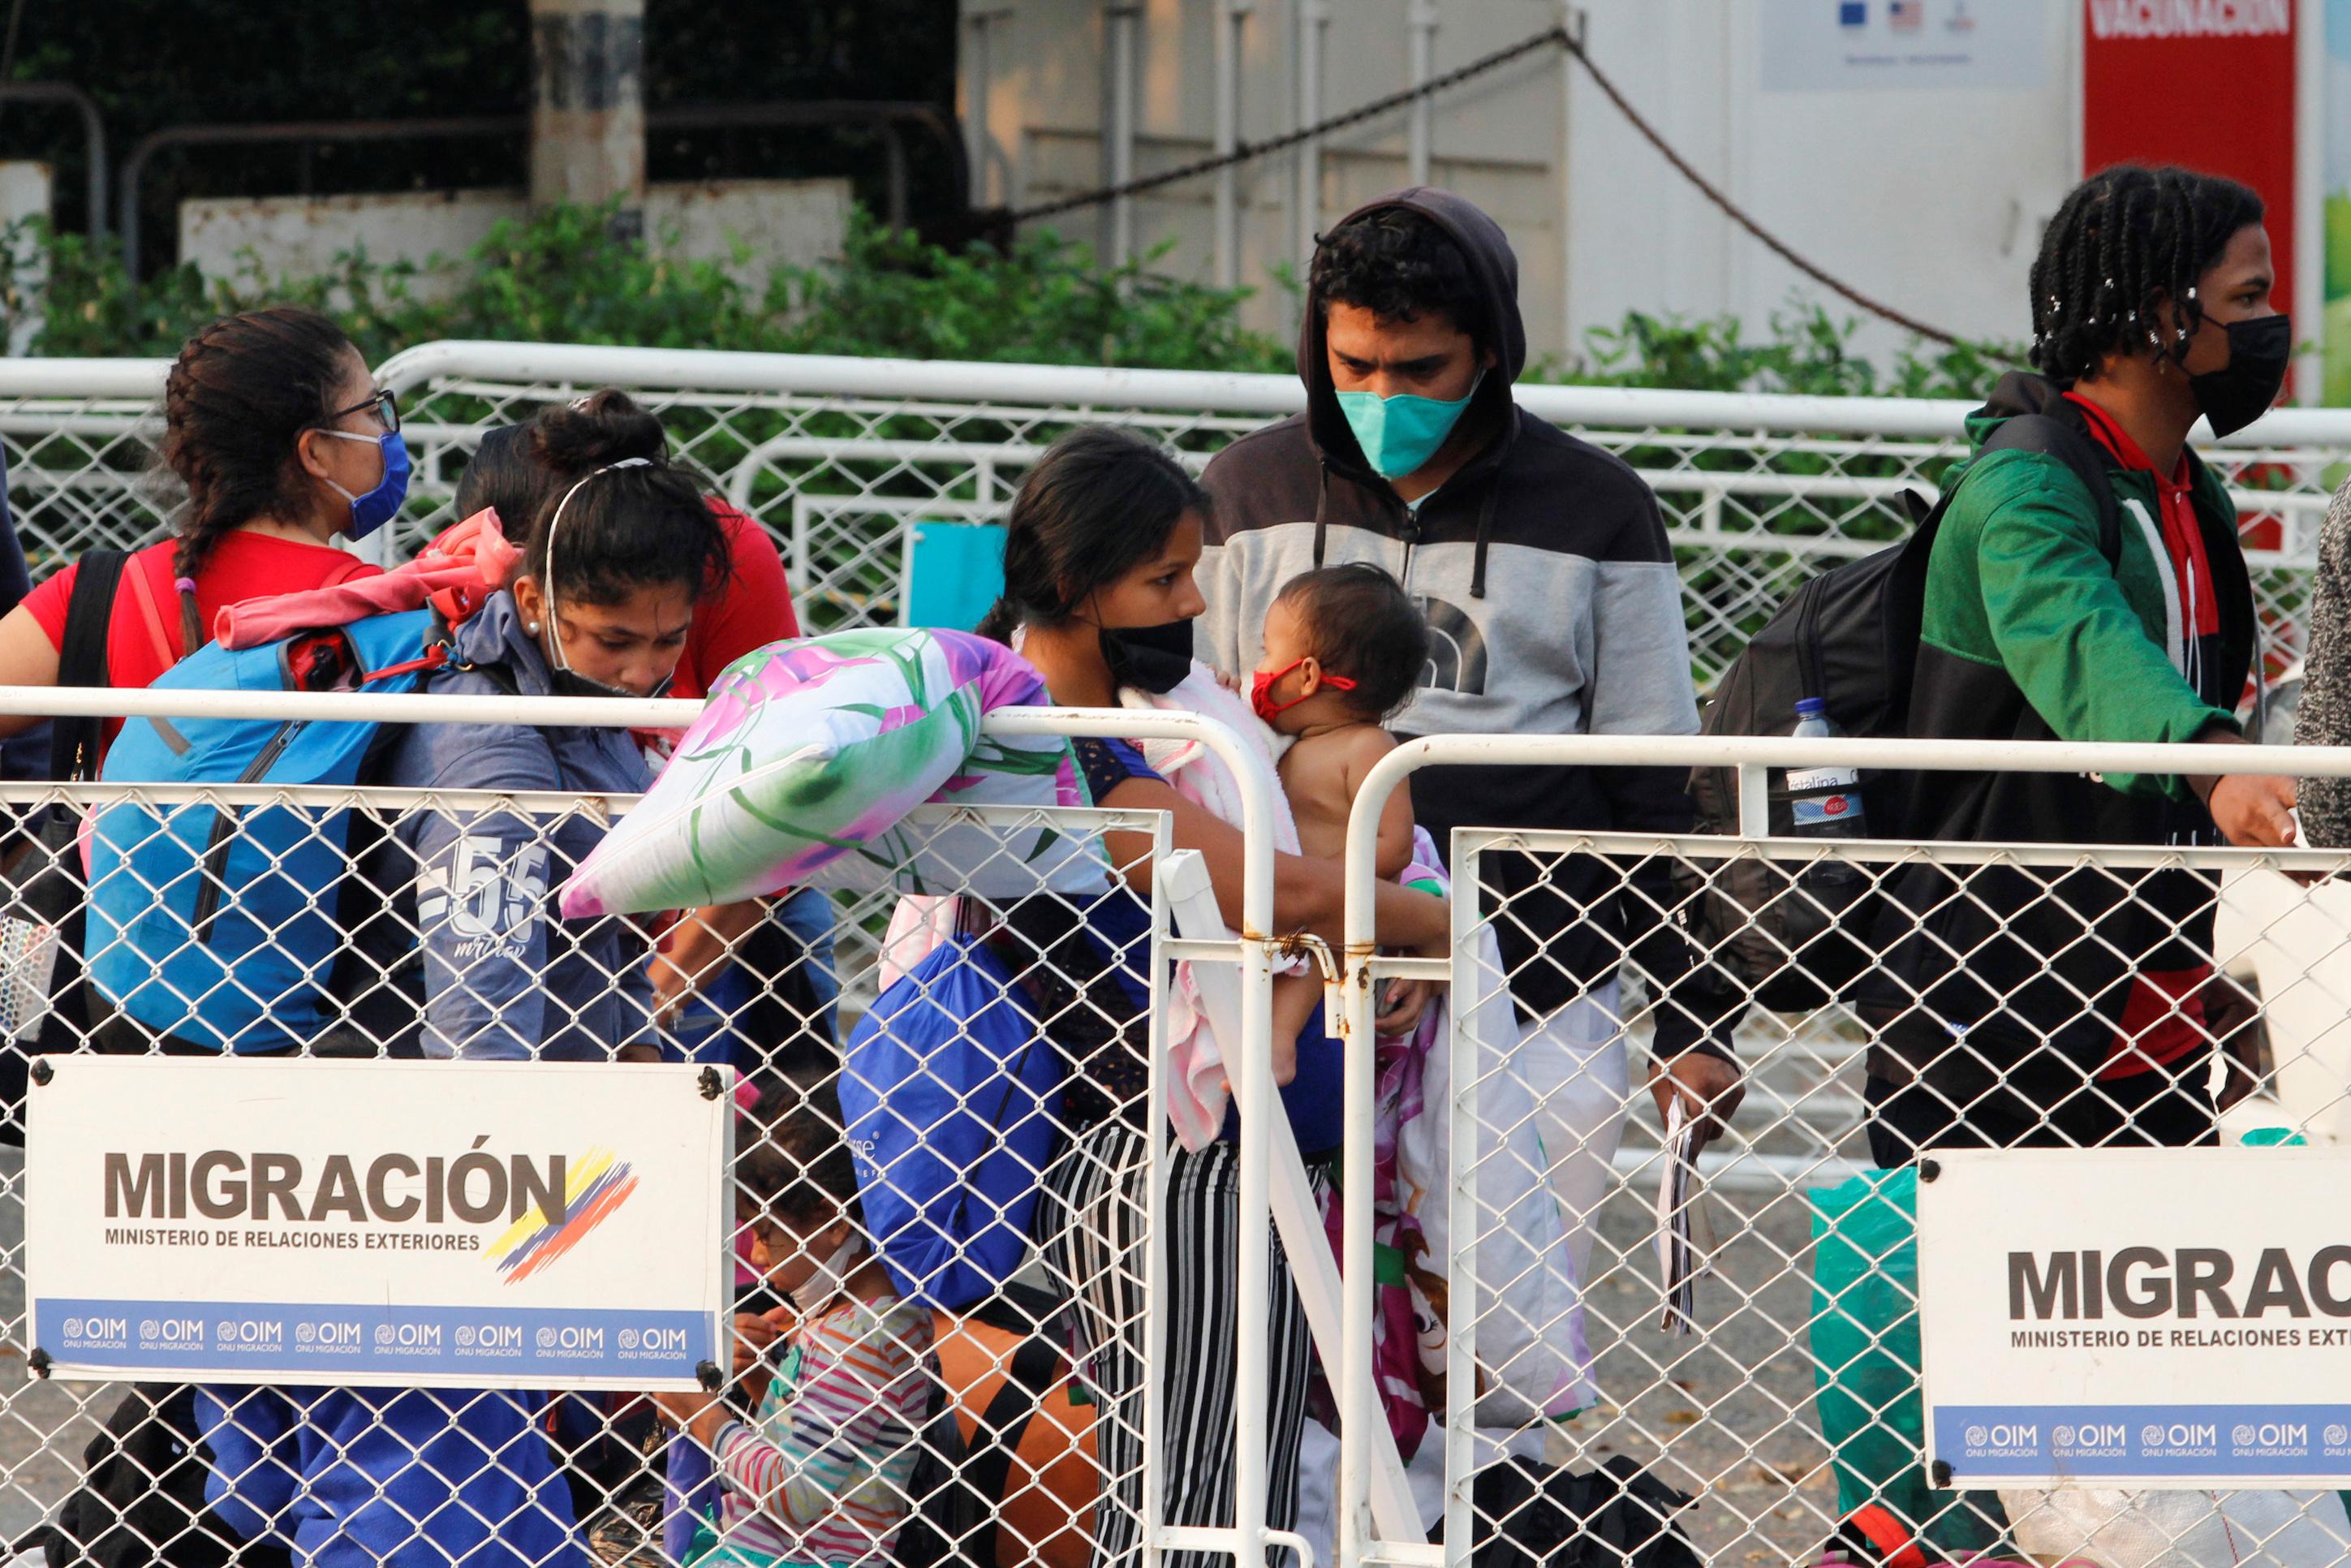 Resultado de imagen para Los venezolanos ven en la regularización una esperanza de futuro en Colombia